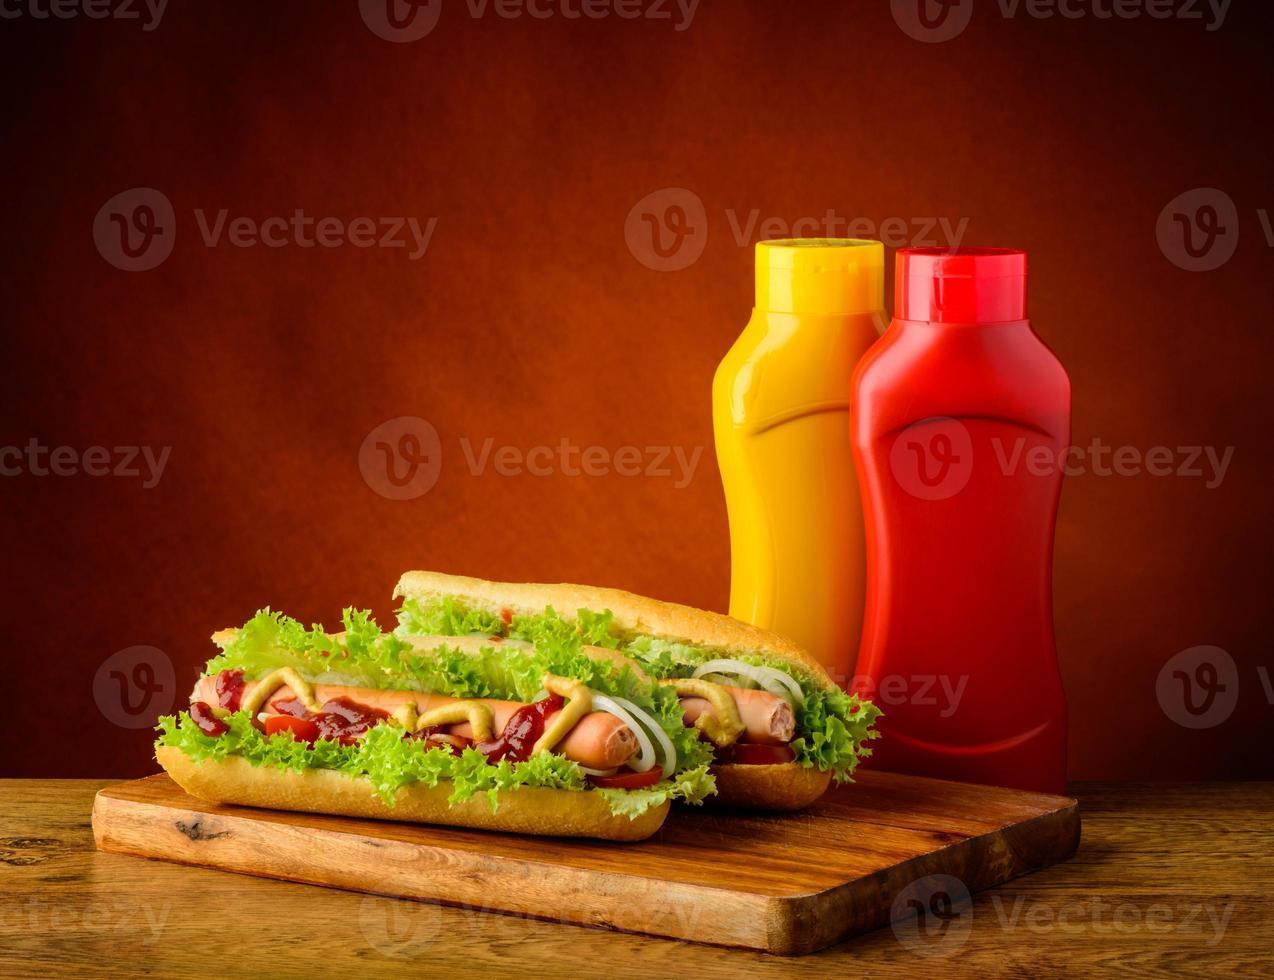 due hot dog con senape e ketchup foto